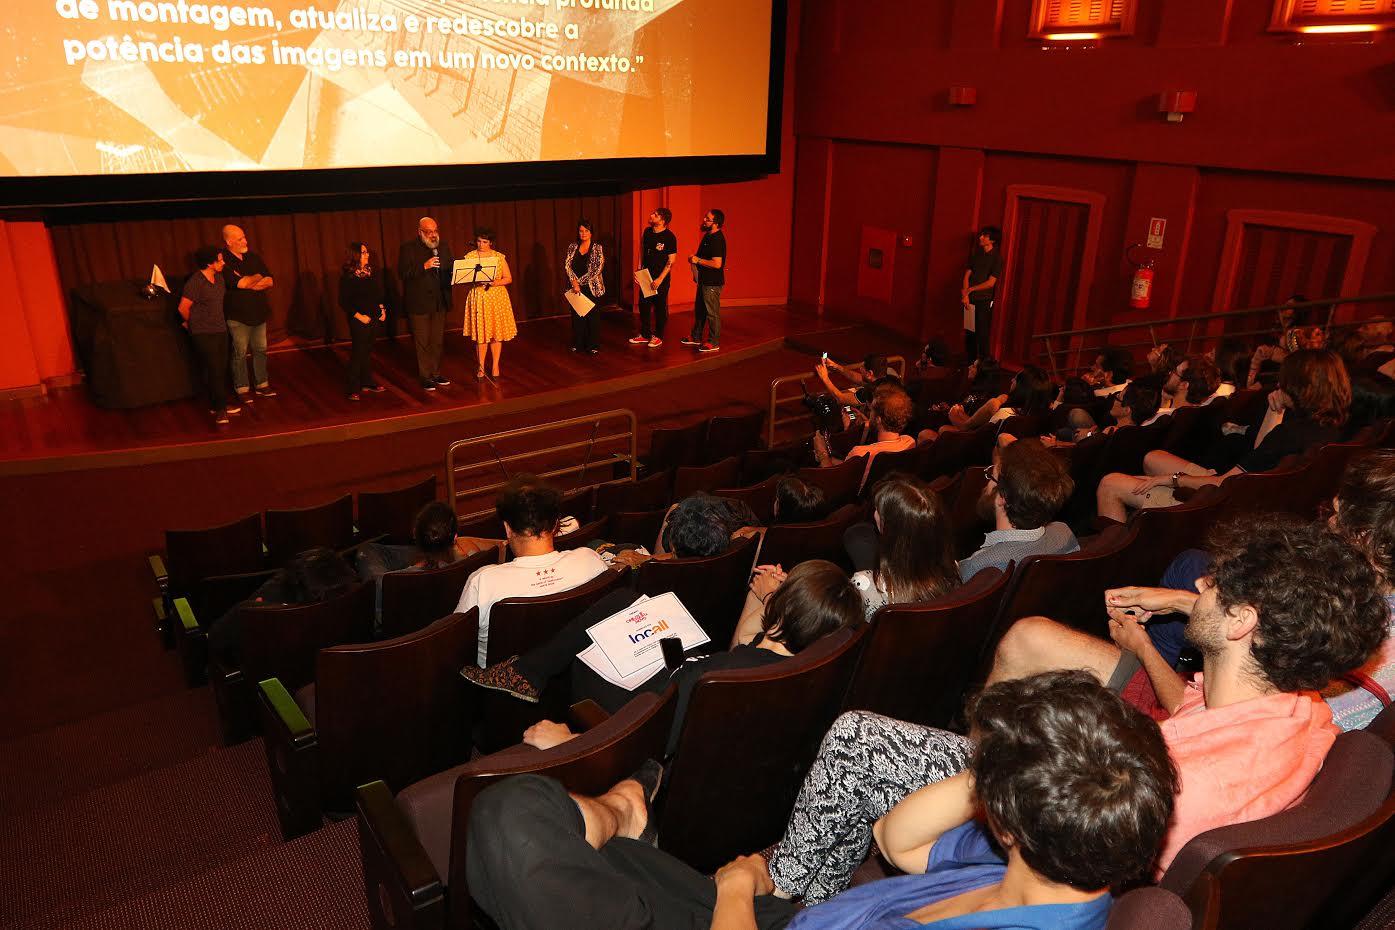 Cerimônia de encerramento do Cine Esquema Novo 2016 na Cinemateca Capitólio em Porto Alegre. Foto: Divulgação/Bruna Paulin Assessoria